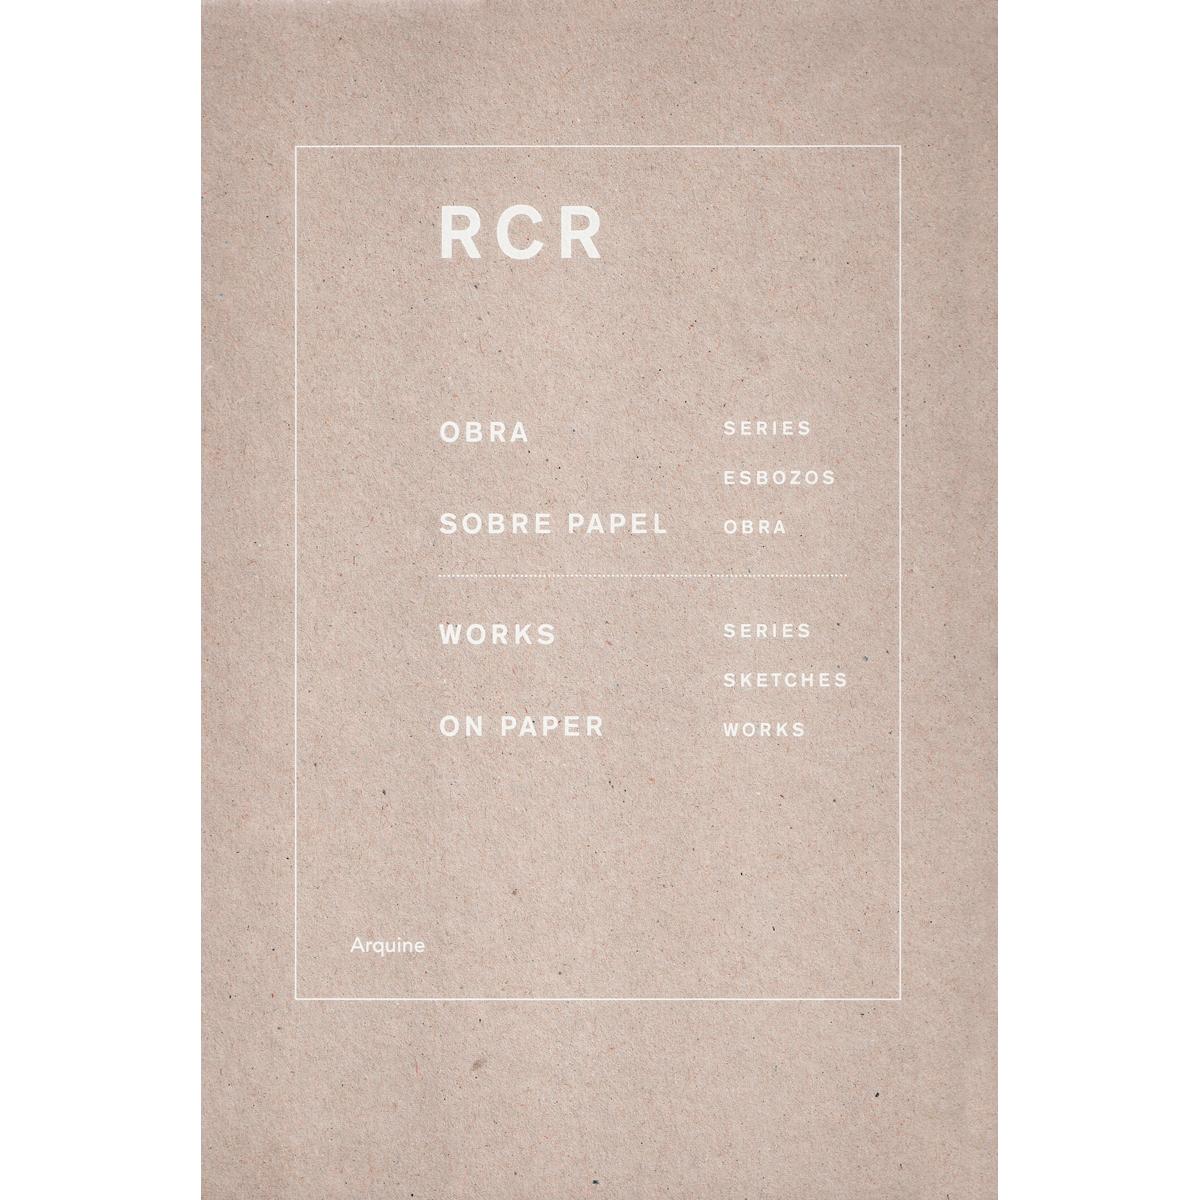 RCR arquitectes. Obra sobre papel